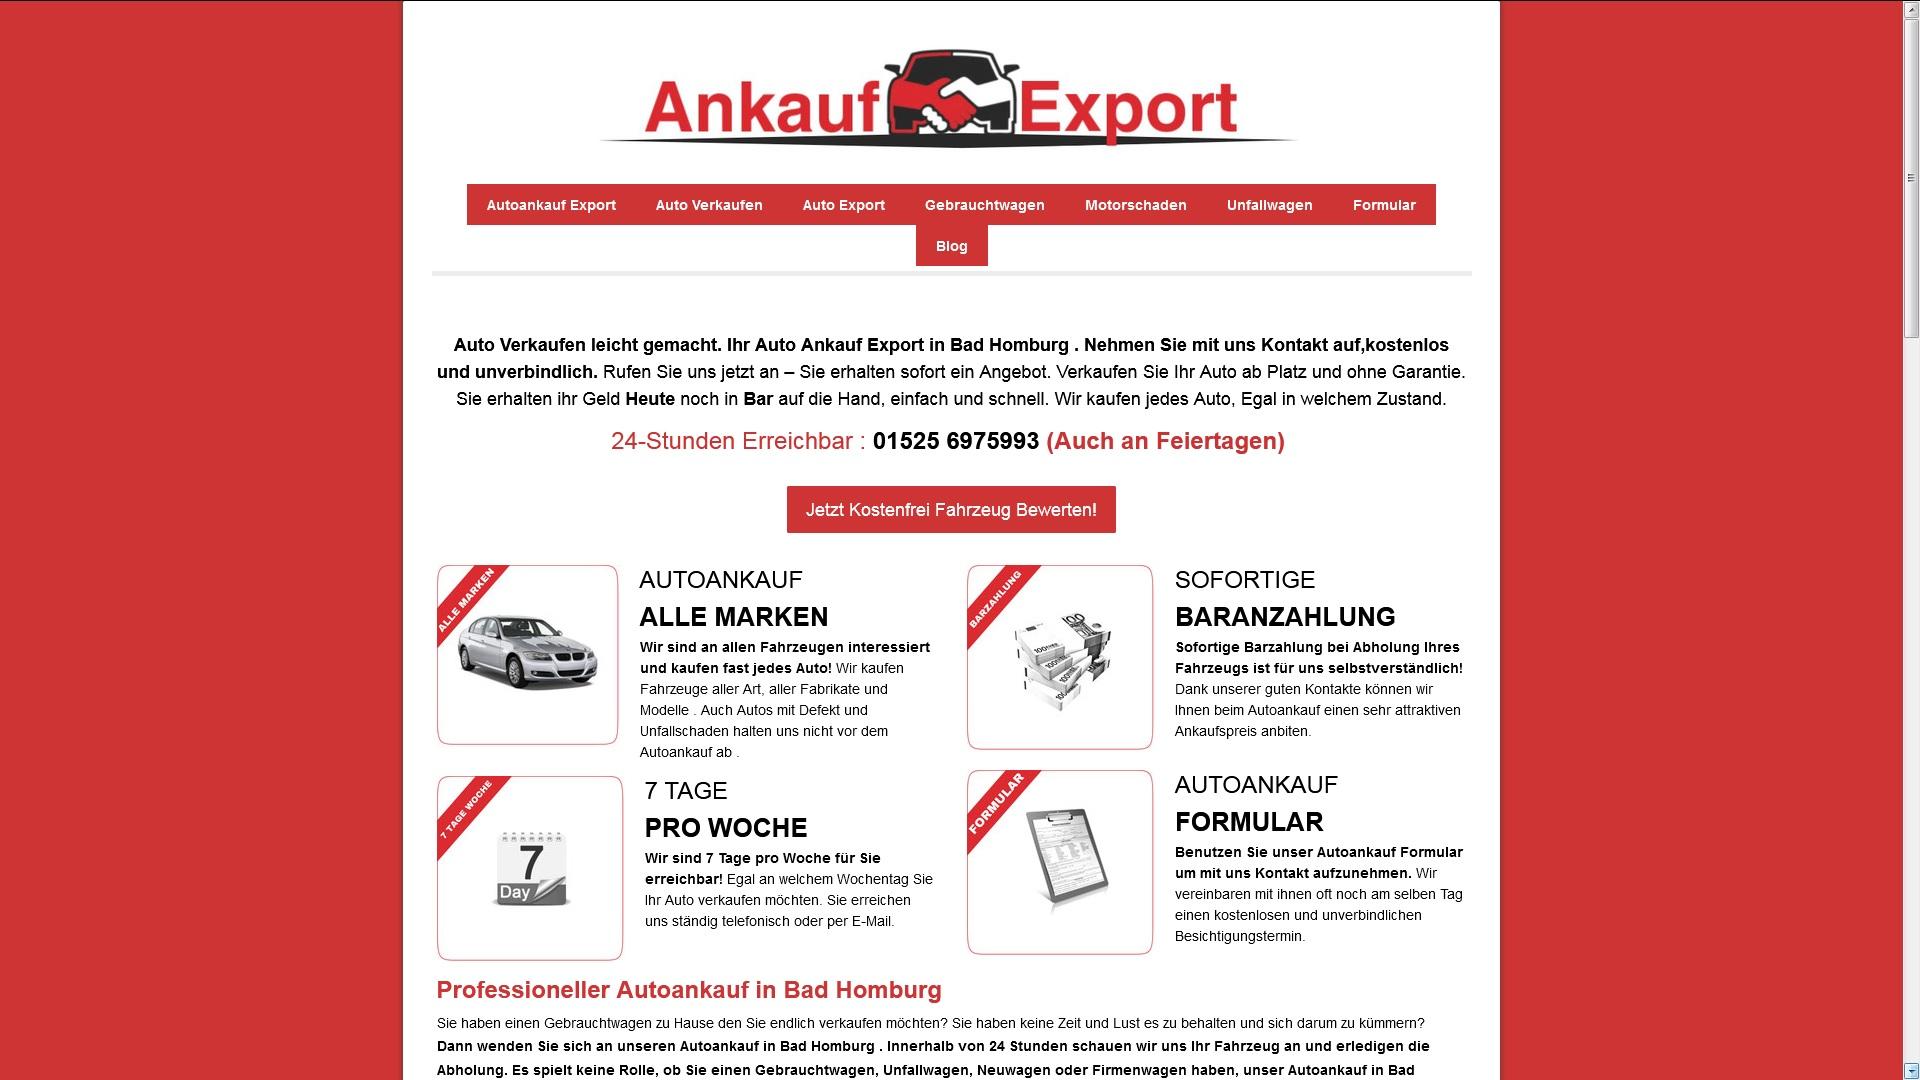 Autoankauf Fulda wir kaufen dein Gebrauchtwagen - Autoankauf in Fulda - Auto verkaufen in Fulda zum Höchstpreis. Kostenlose Abholung in Fulda.